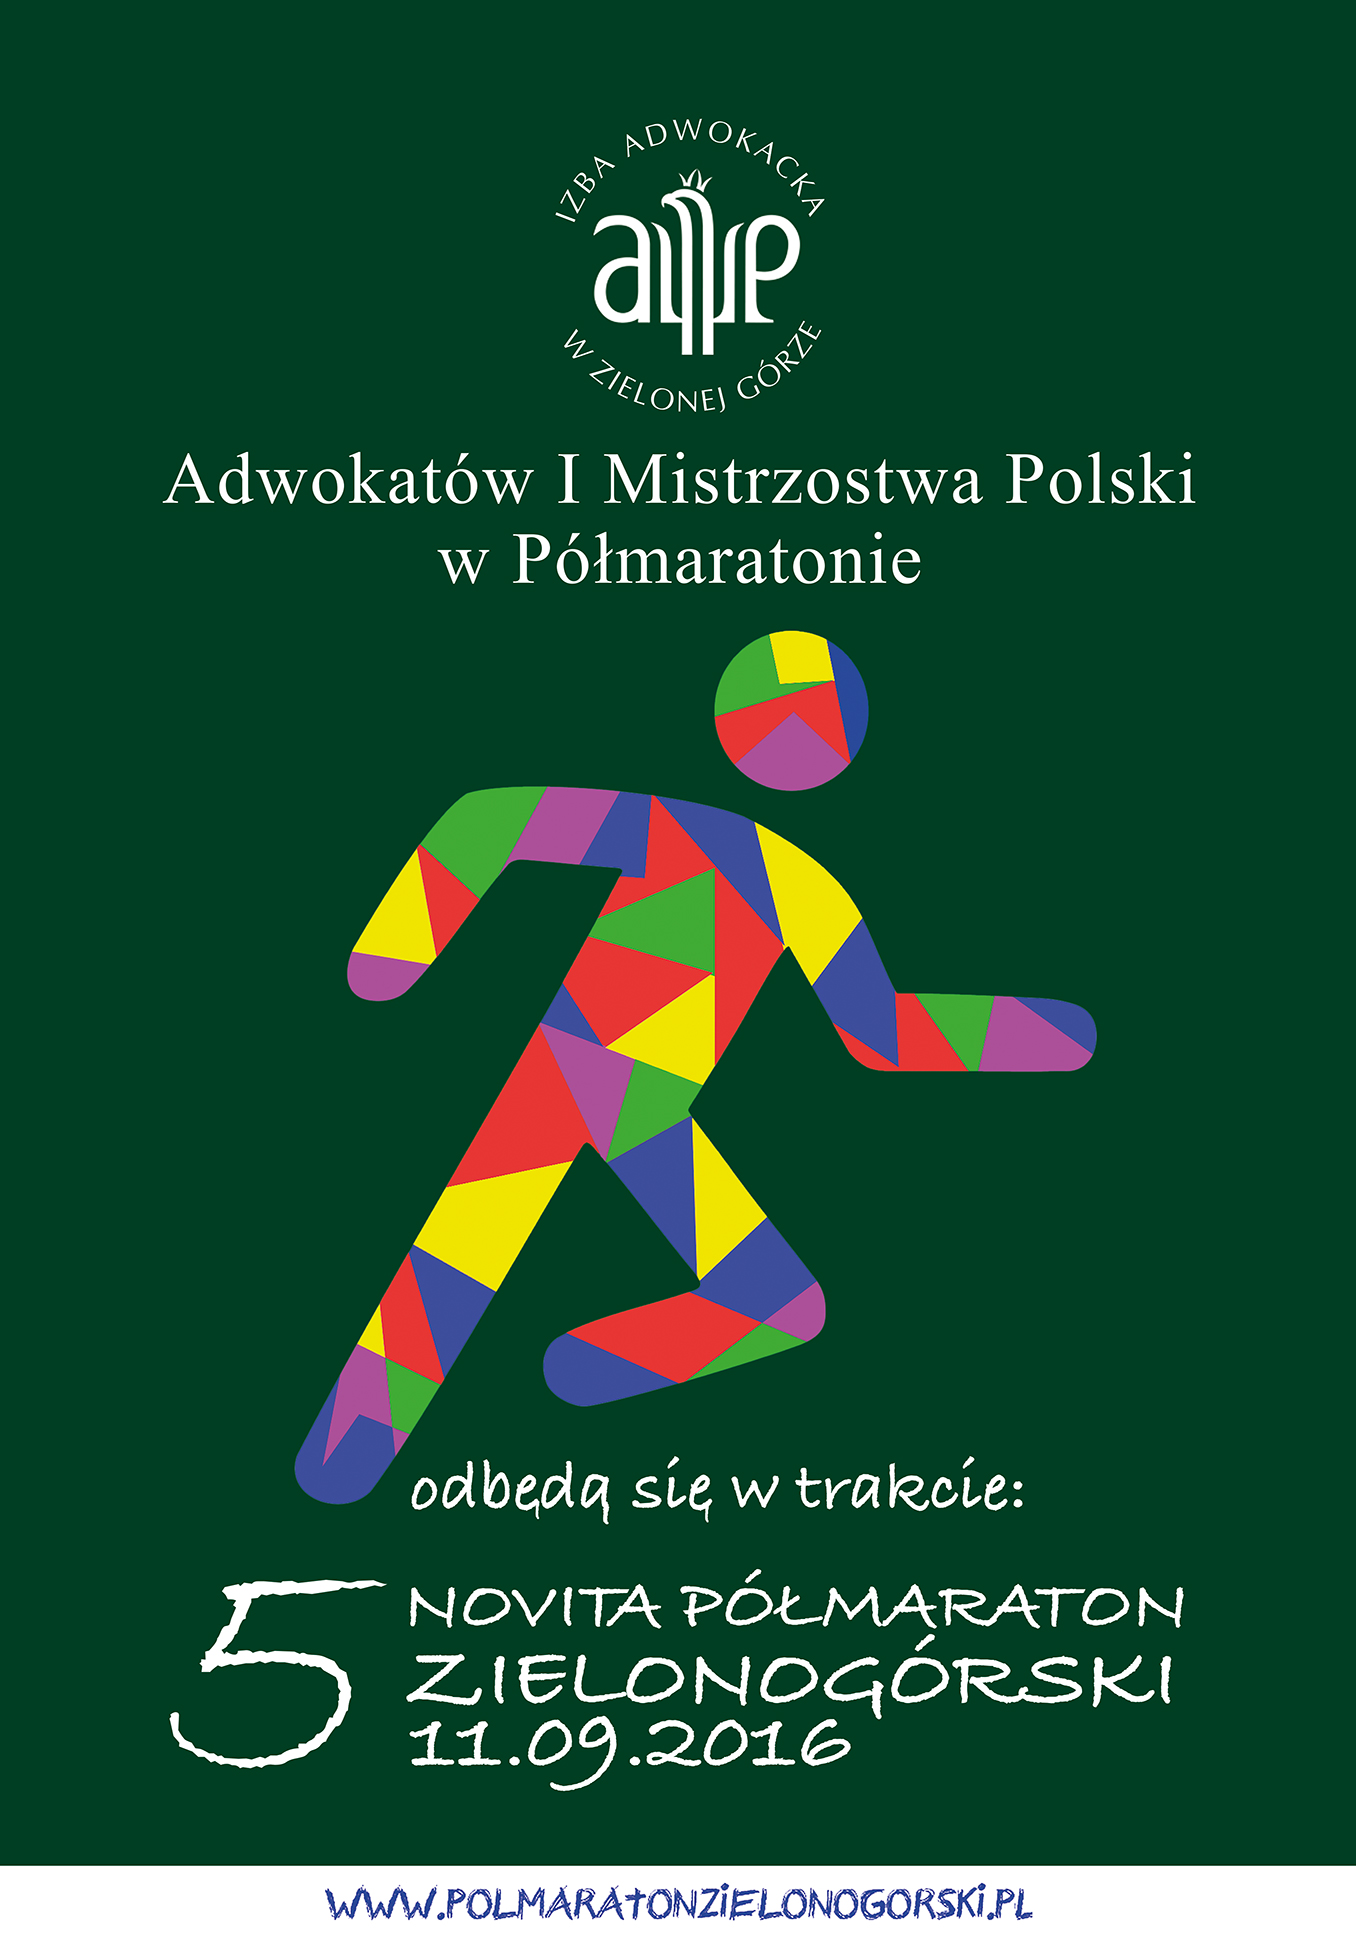 Adwokatów I Mistrzostwa w Półmaratonie plakat pion